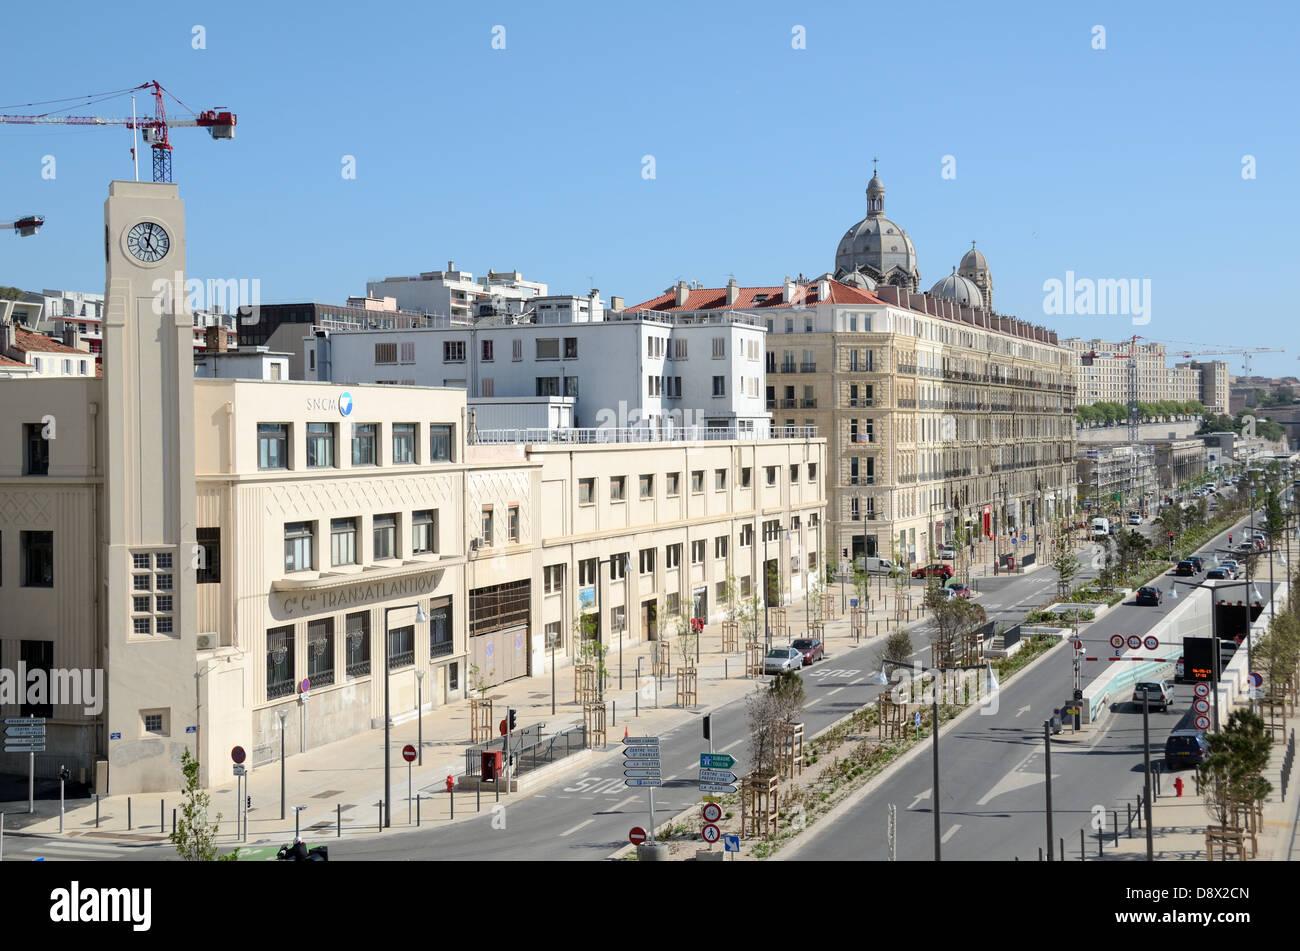 Front de mer ou Boulevard Du Littoral Quai de la Joliette Marseille France Photo Stock